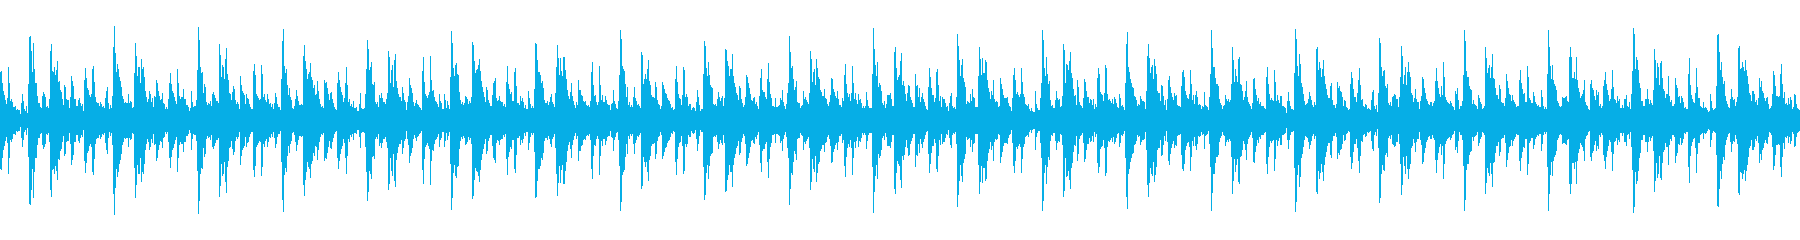 透明感のある電子音・シンプルなループの再生済みの波形